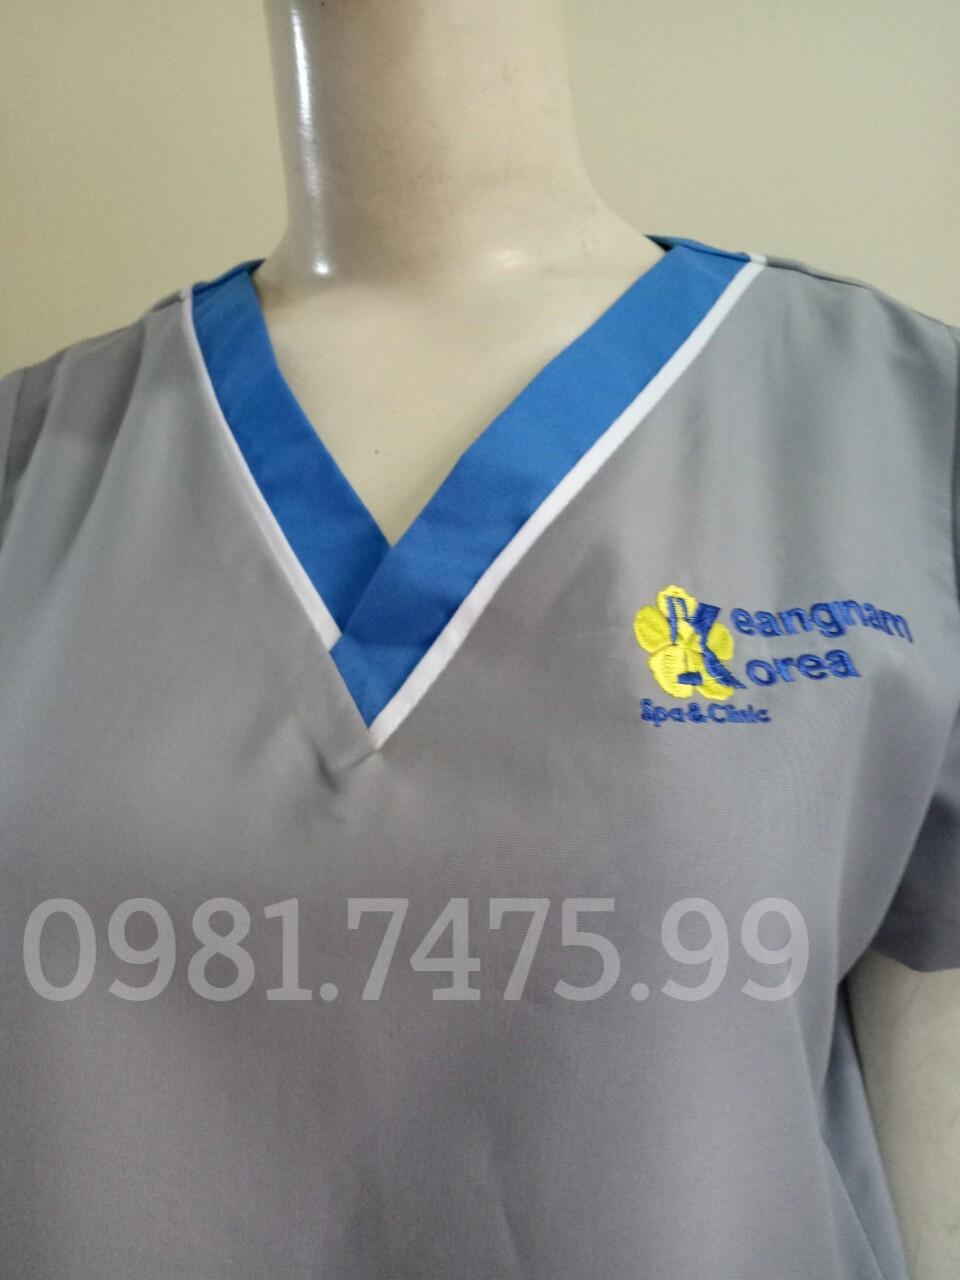 Mẫu đồng phục SPA, massag thiết kế ấn tượng và chuyên nghiệp tại ĐỒNG PHỤC VIỆT  99h